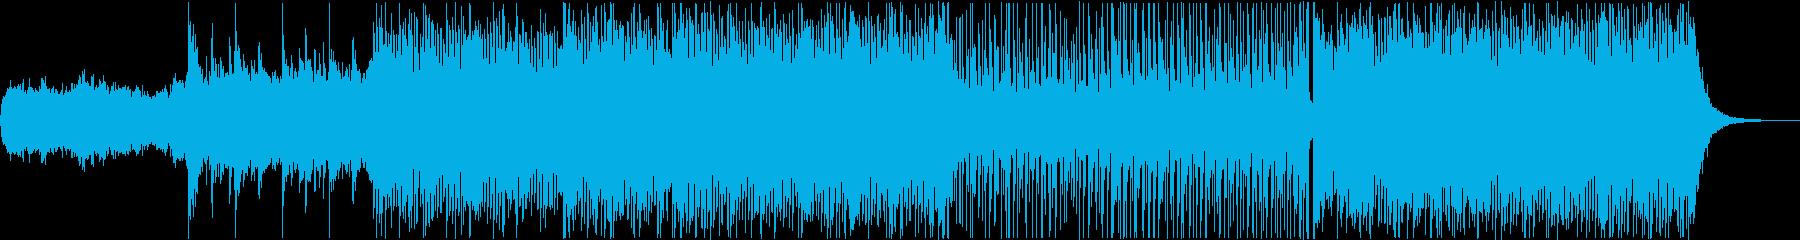 先端技術を表現したBGMの再生済みの波形